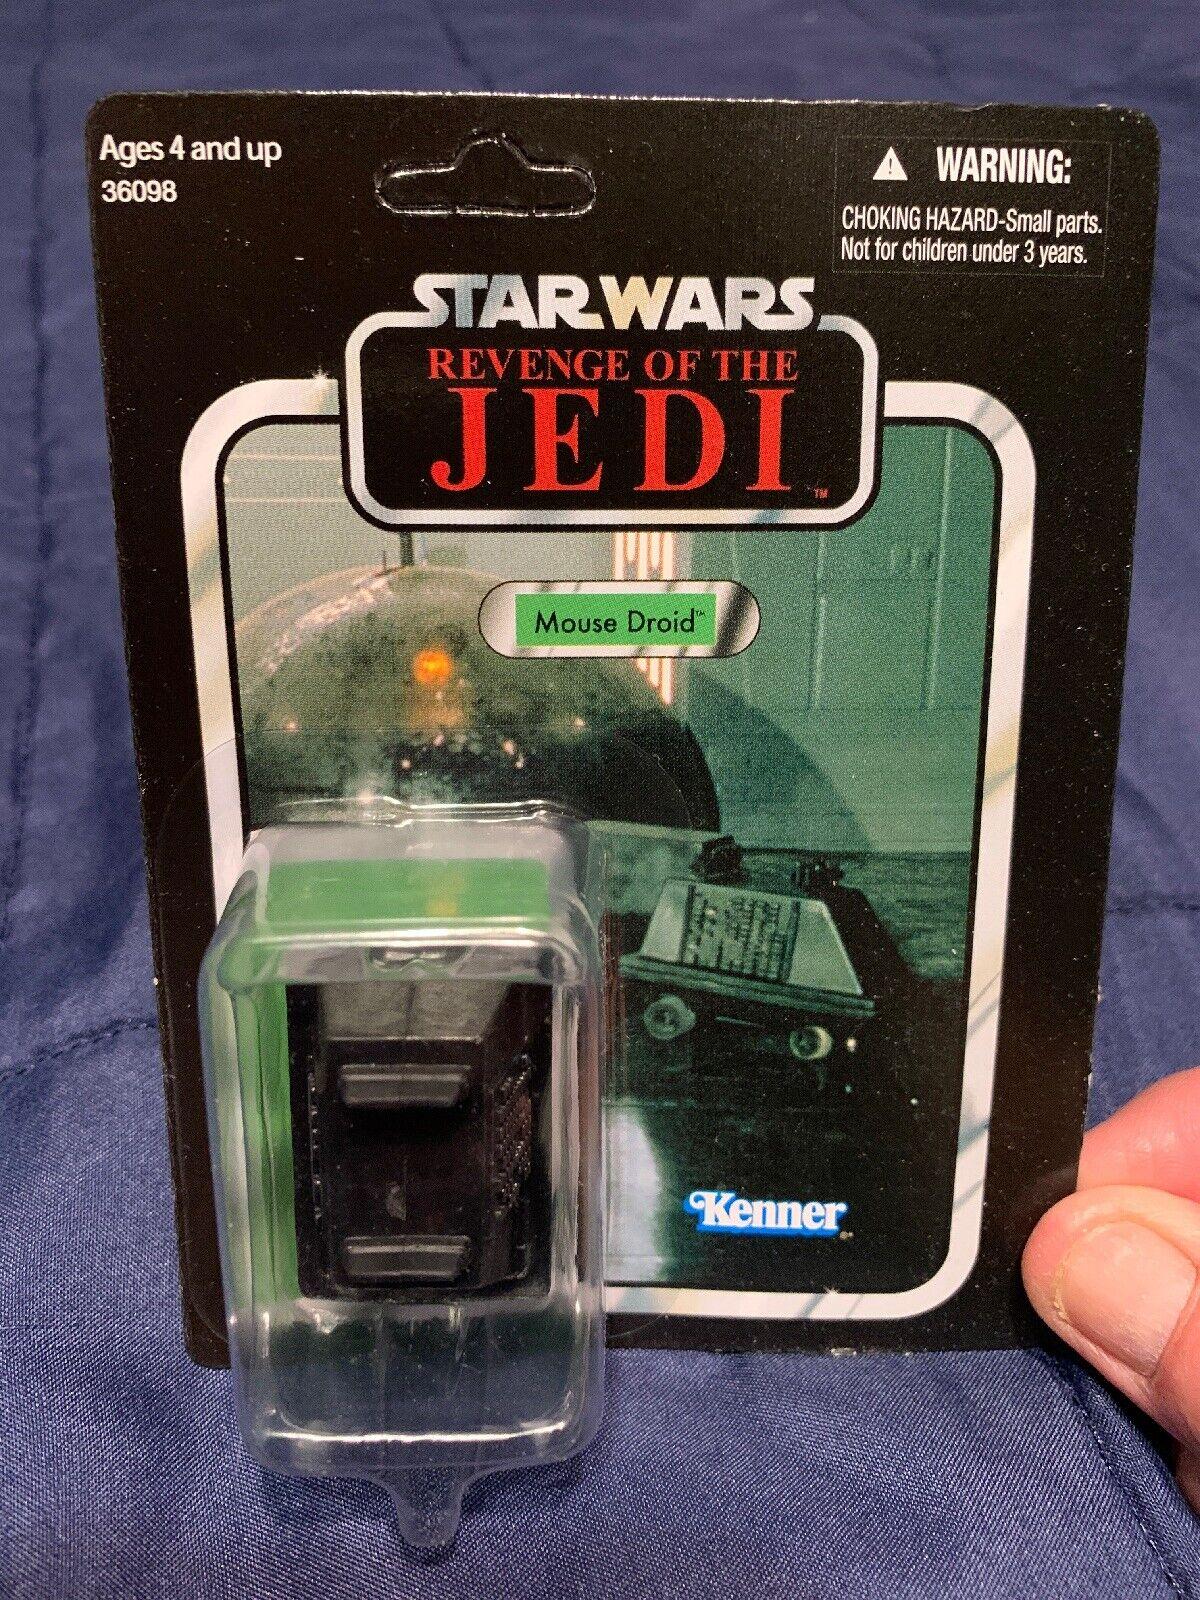 Sdcc Exclusive Death Star Mouse Droid Revenge of the Jedi VC67 Vintage TVC